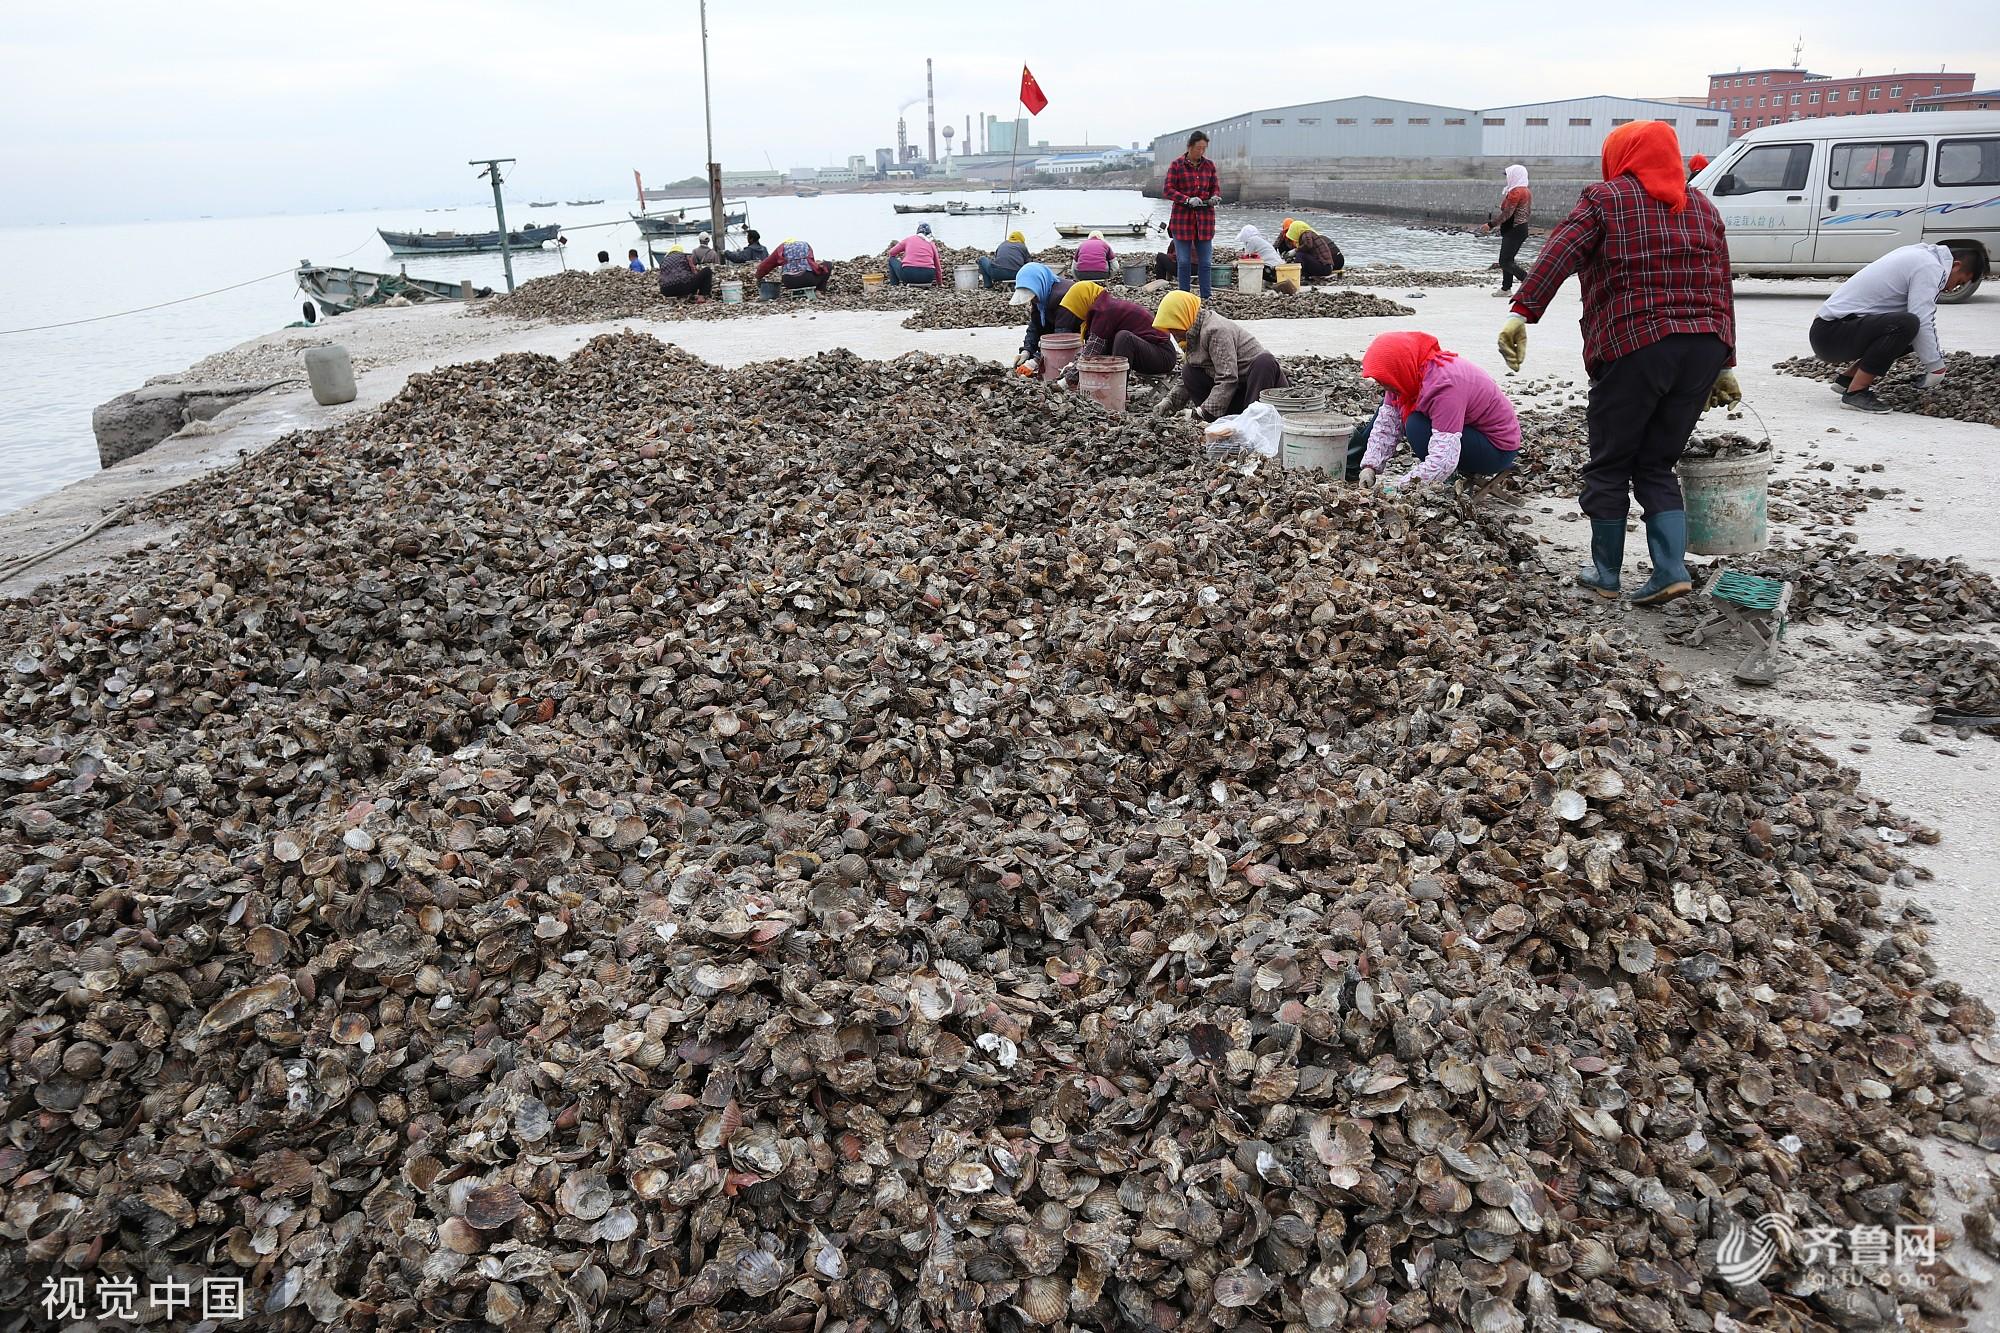 青岛:国庆长假 胶州湾渔民抓紧时机分拣海蛎子苗